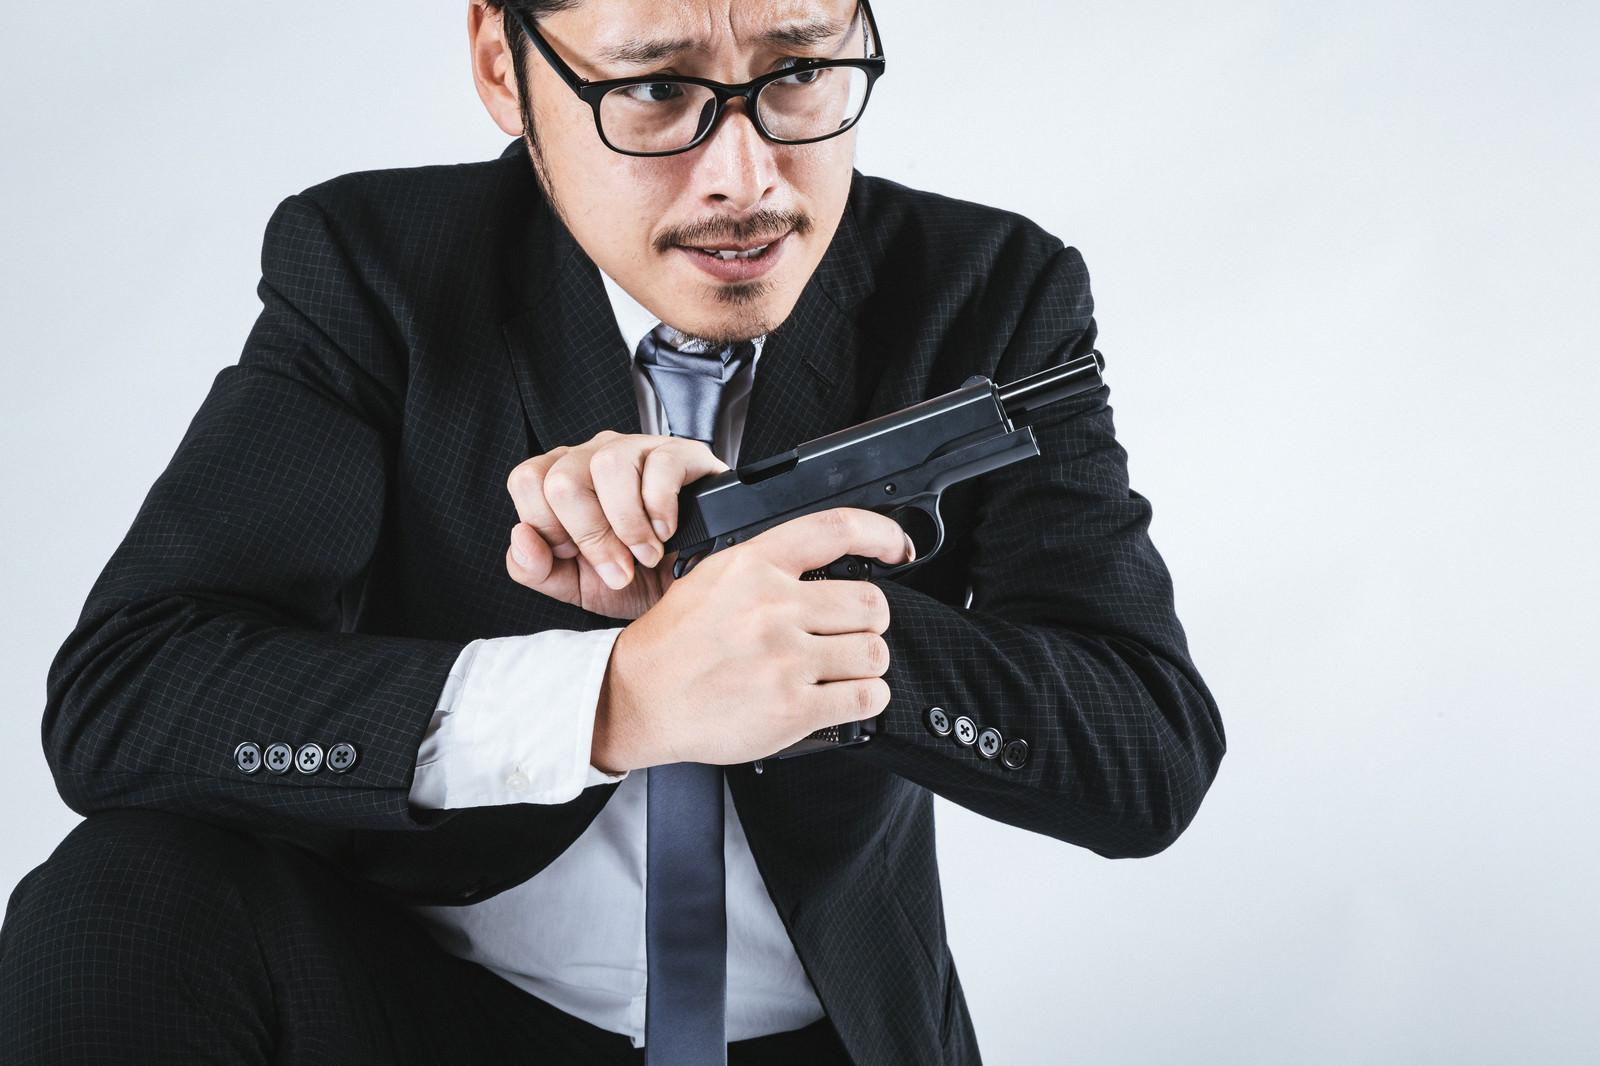 「拳銃をリロードするスーツ姿の男性」の写真[モデル:ゆうせい]